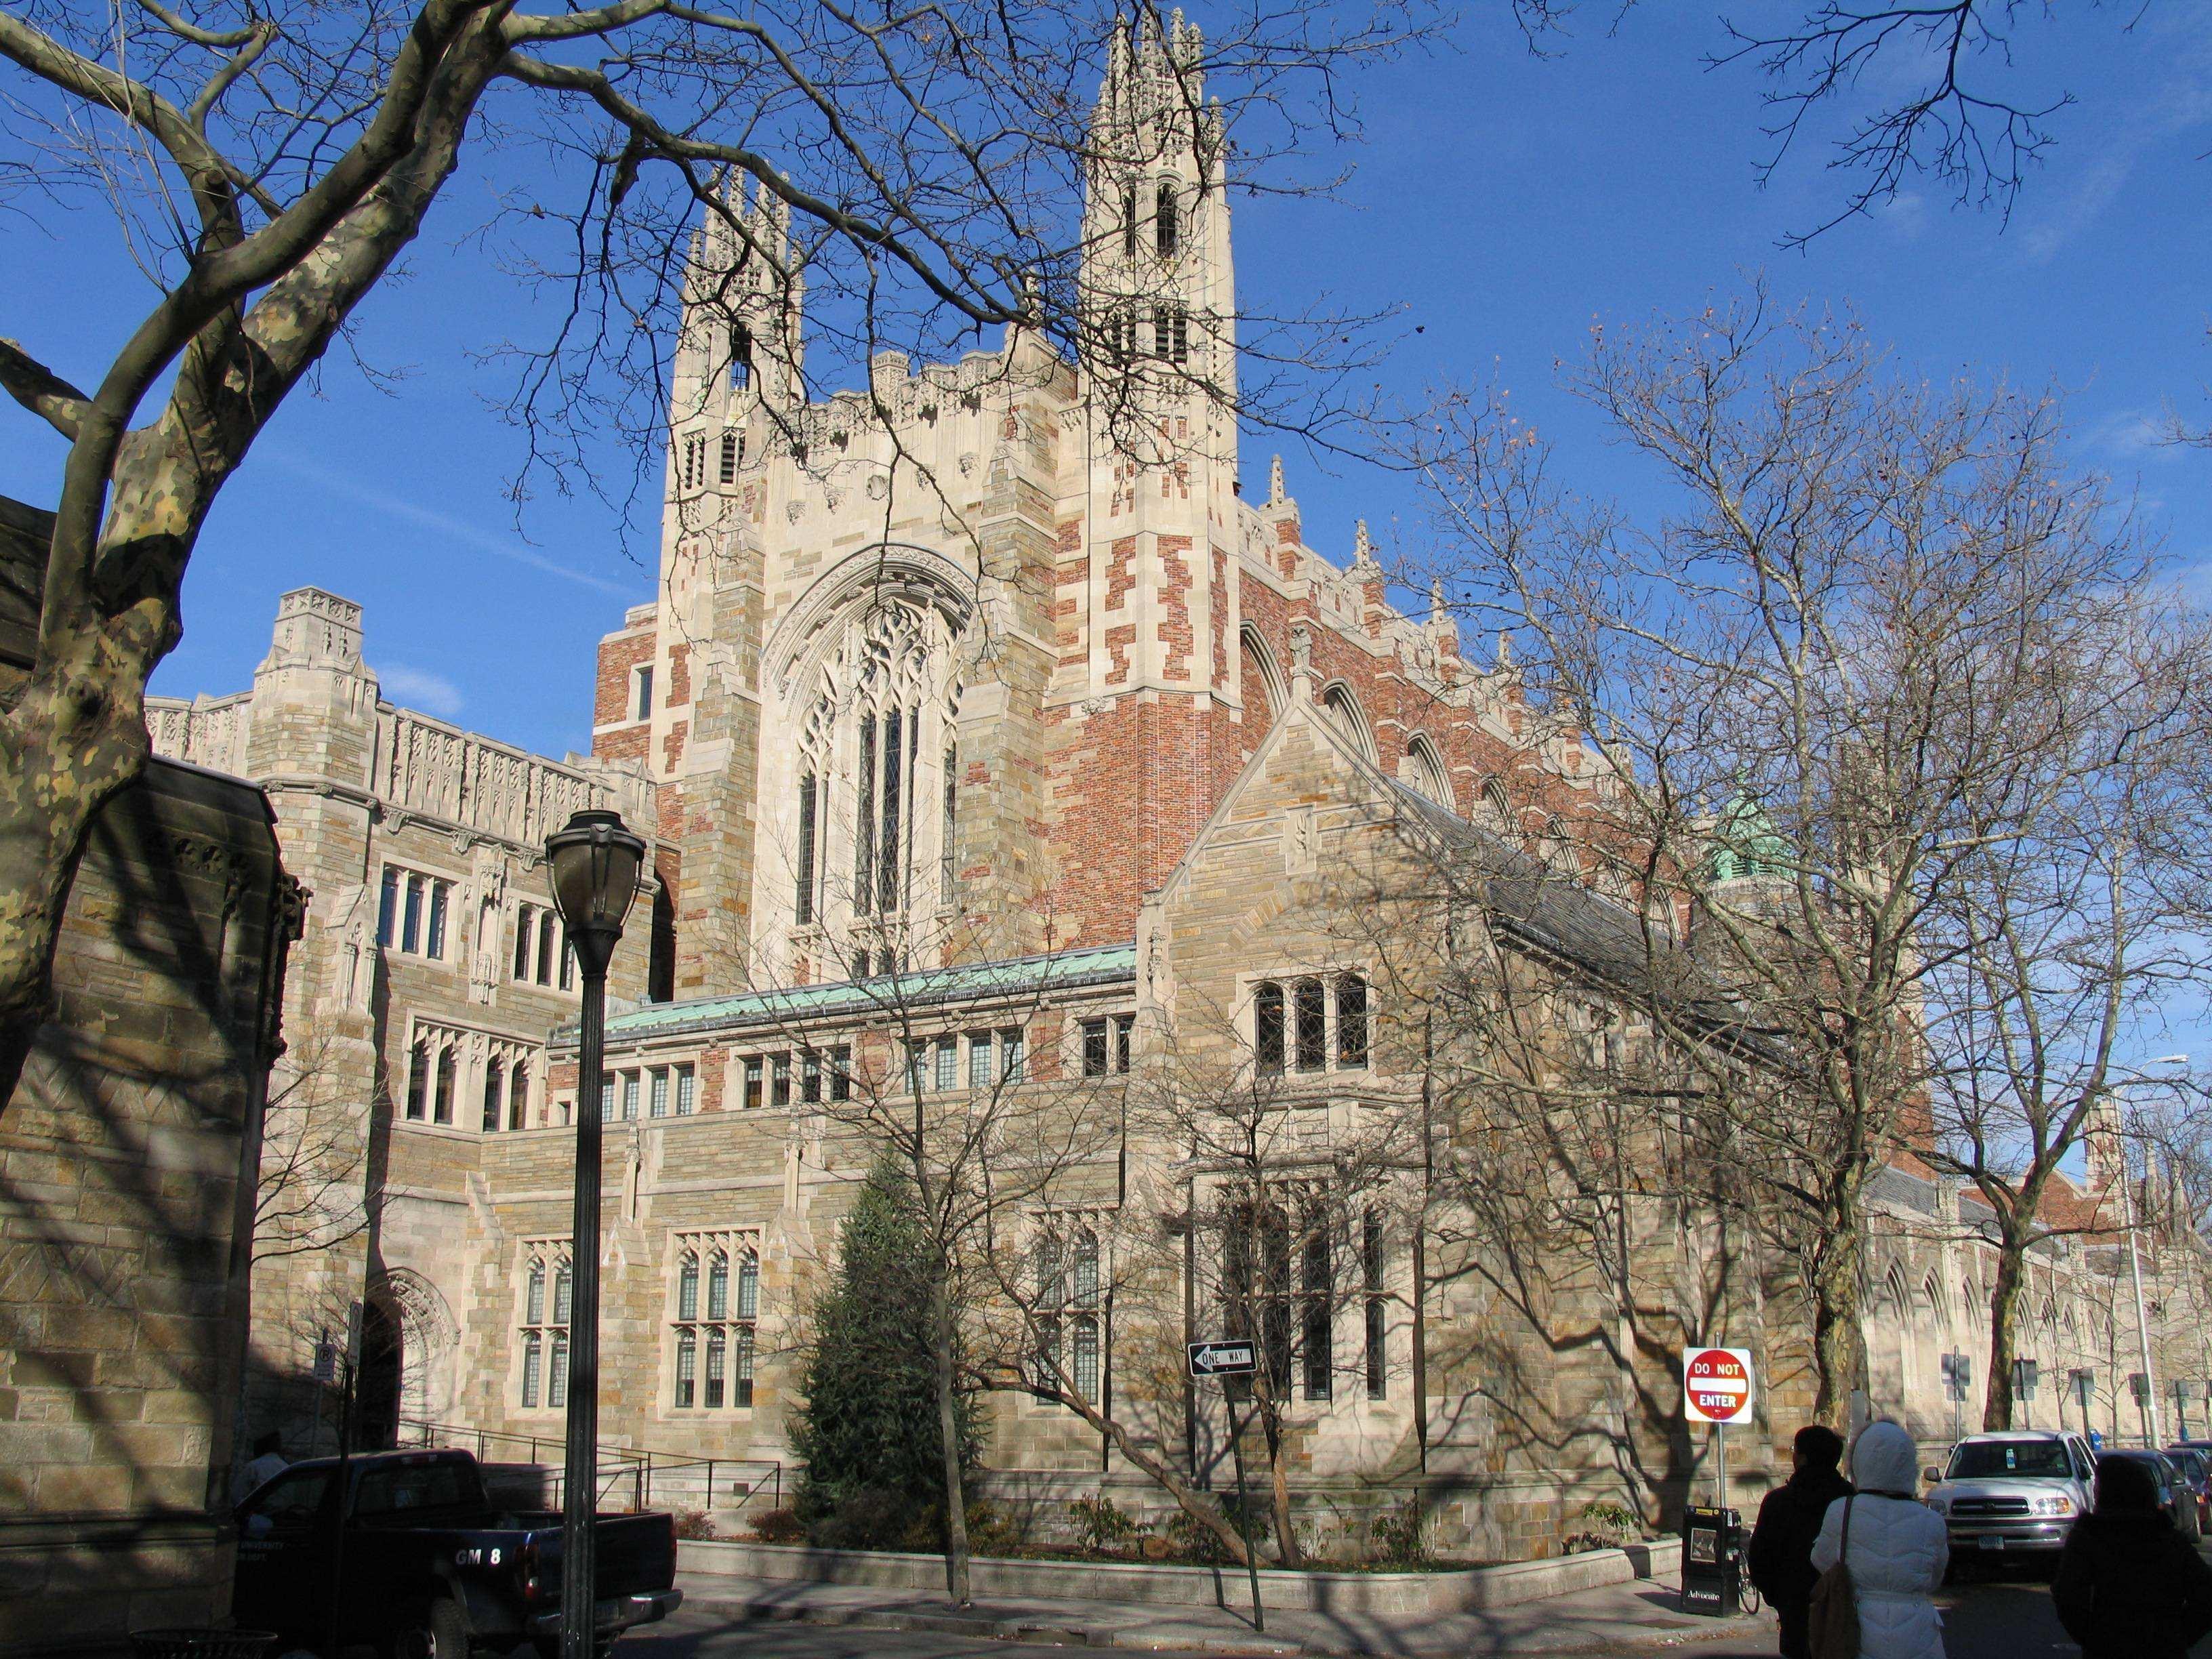 美国耶鲁大学怎么样?耶鲁大学强势专业你知道多少